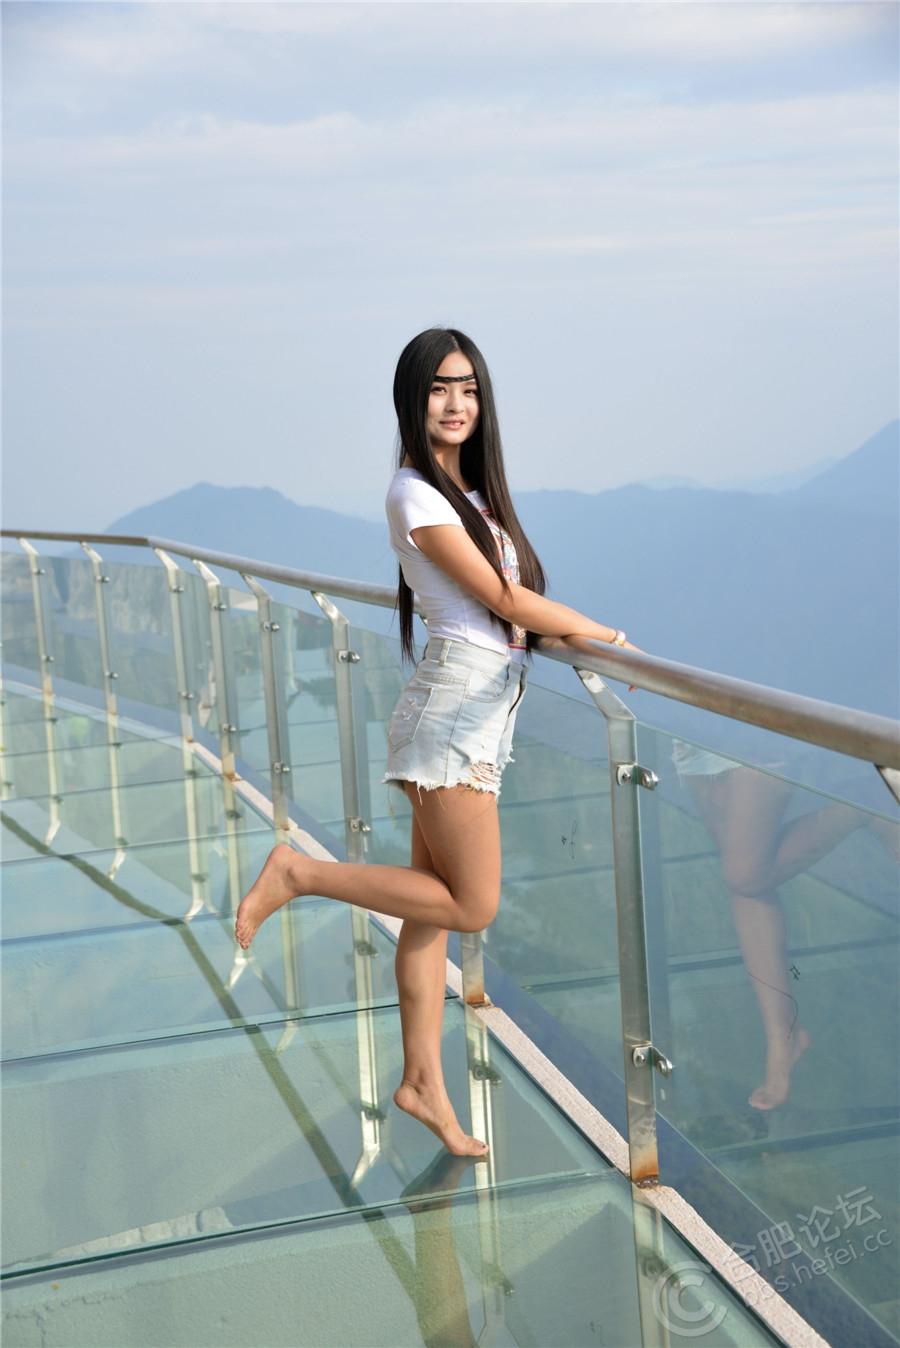 【美女爱旅游】步步惊心明堂山 首批美女体验团挑战高空玻璃栈道圆满